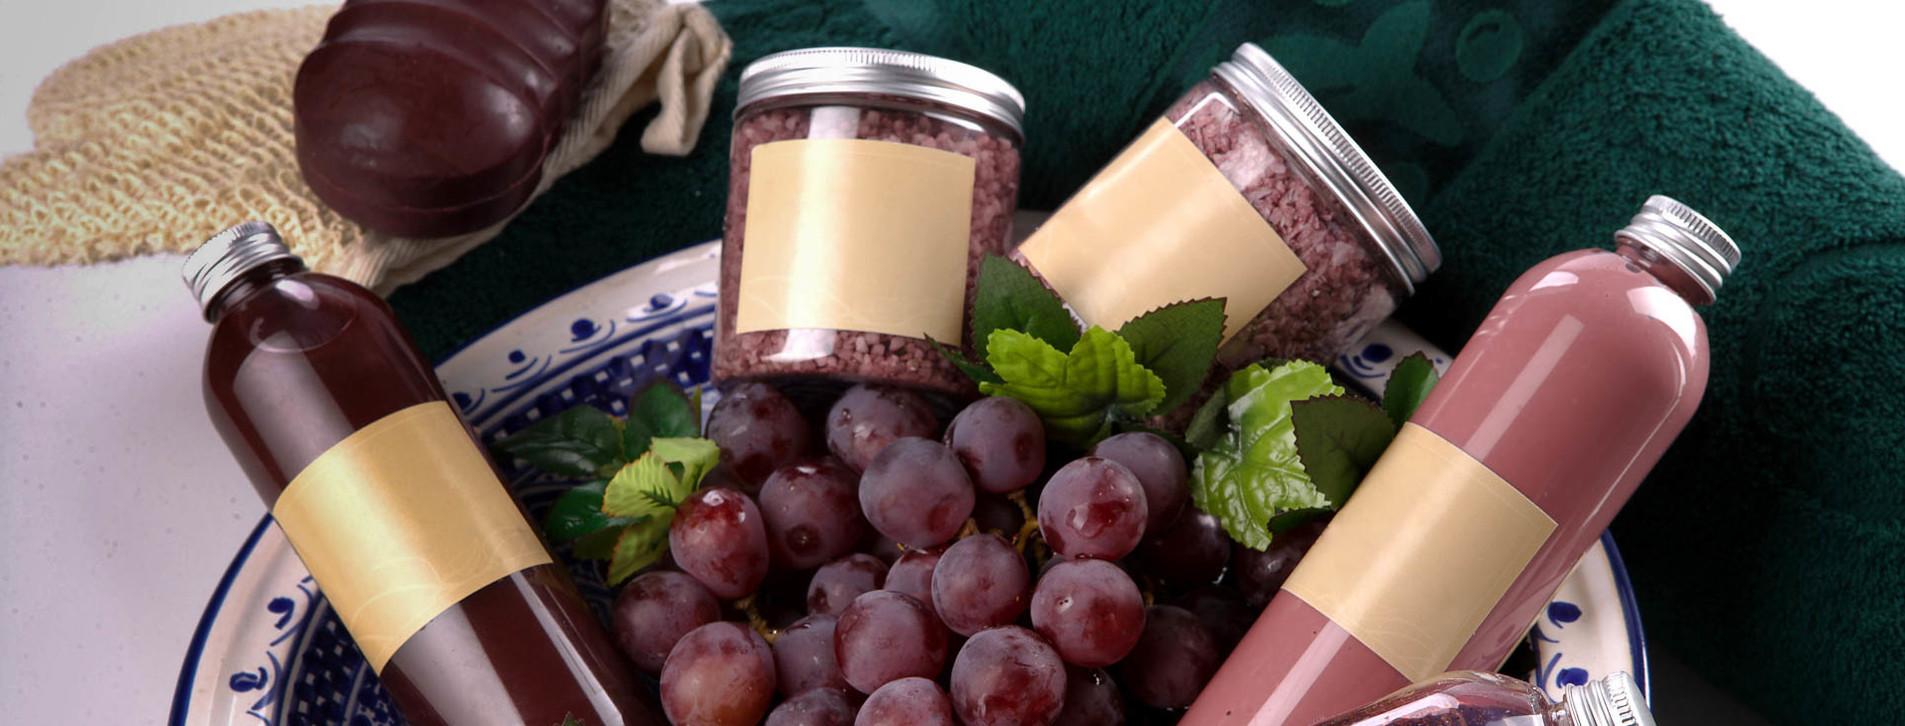 Фото 1 - Виноградное обертывание